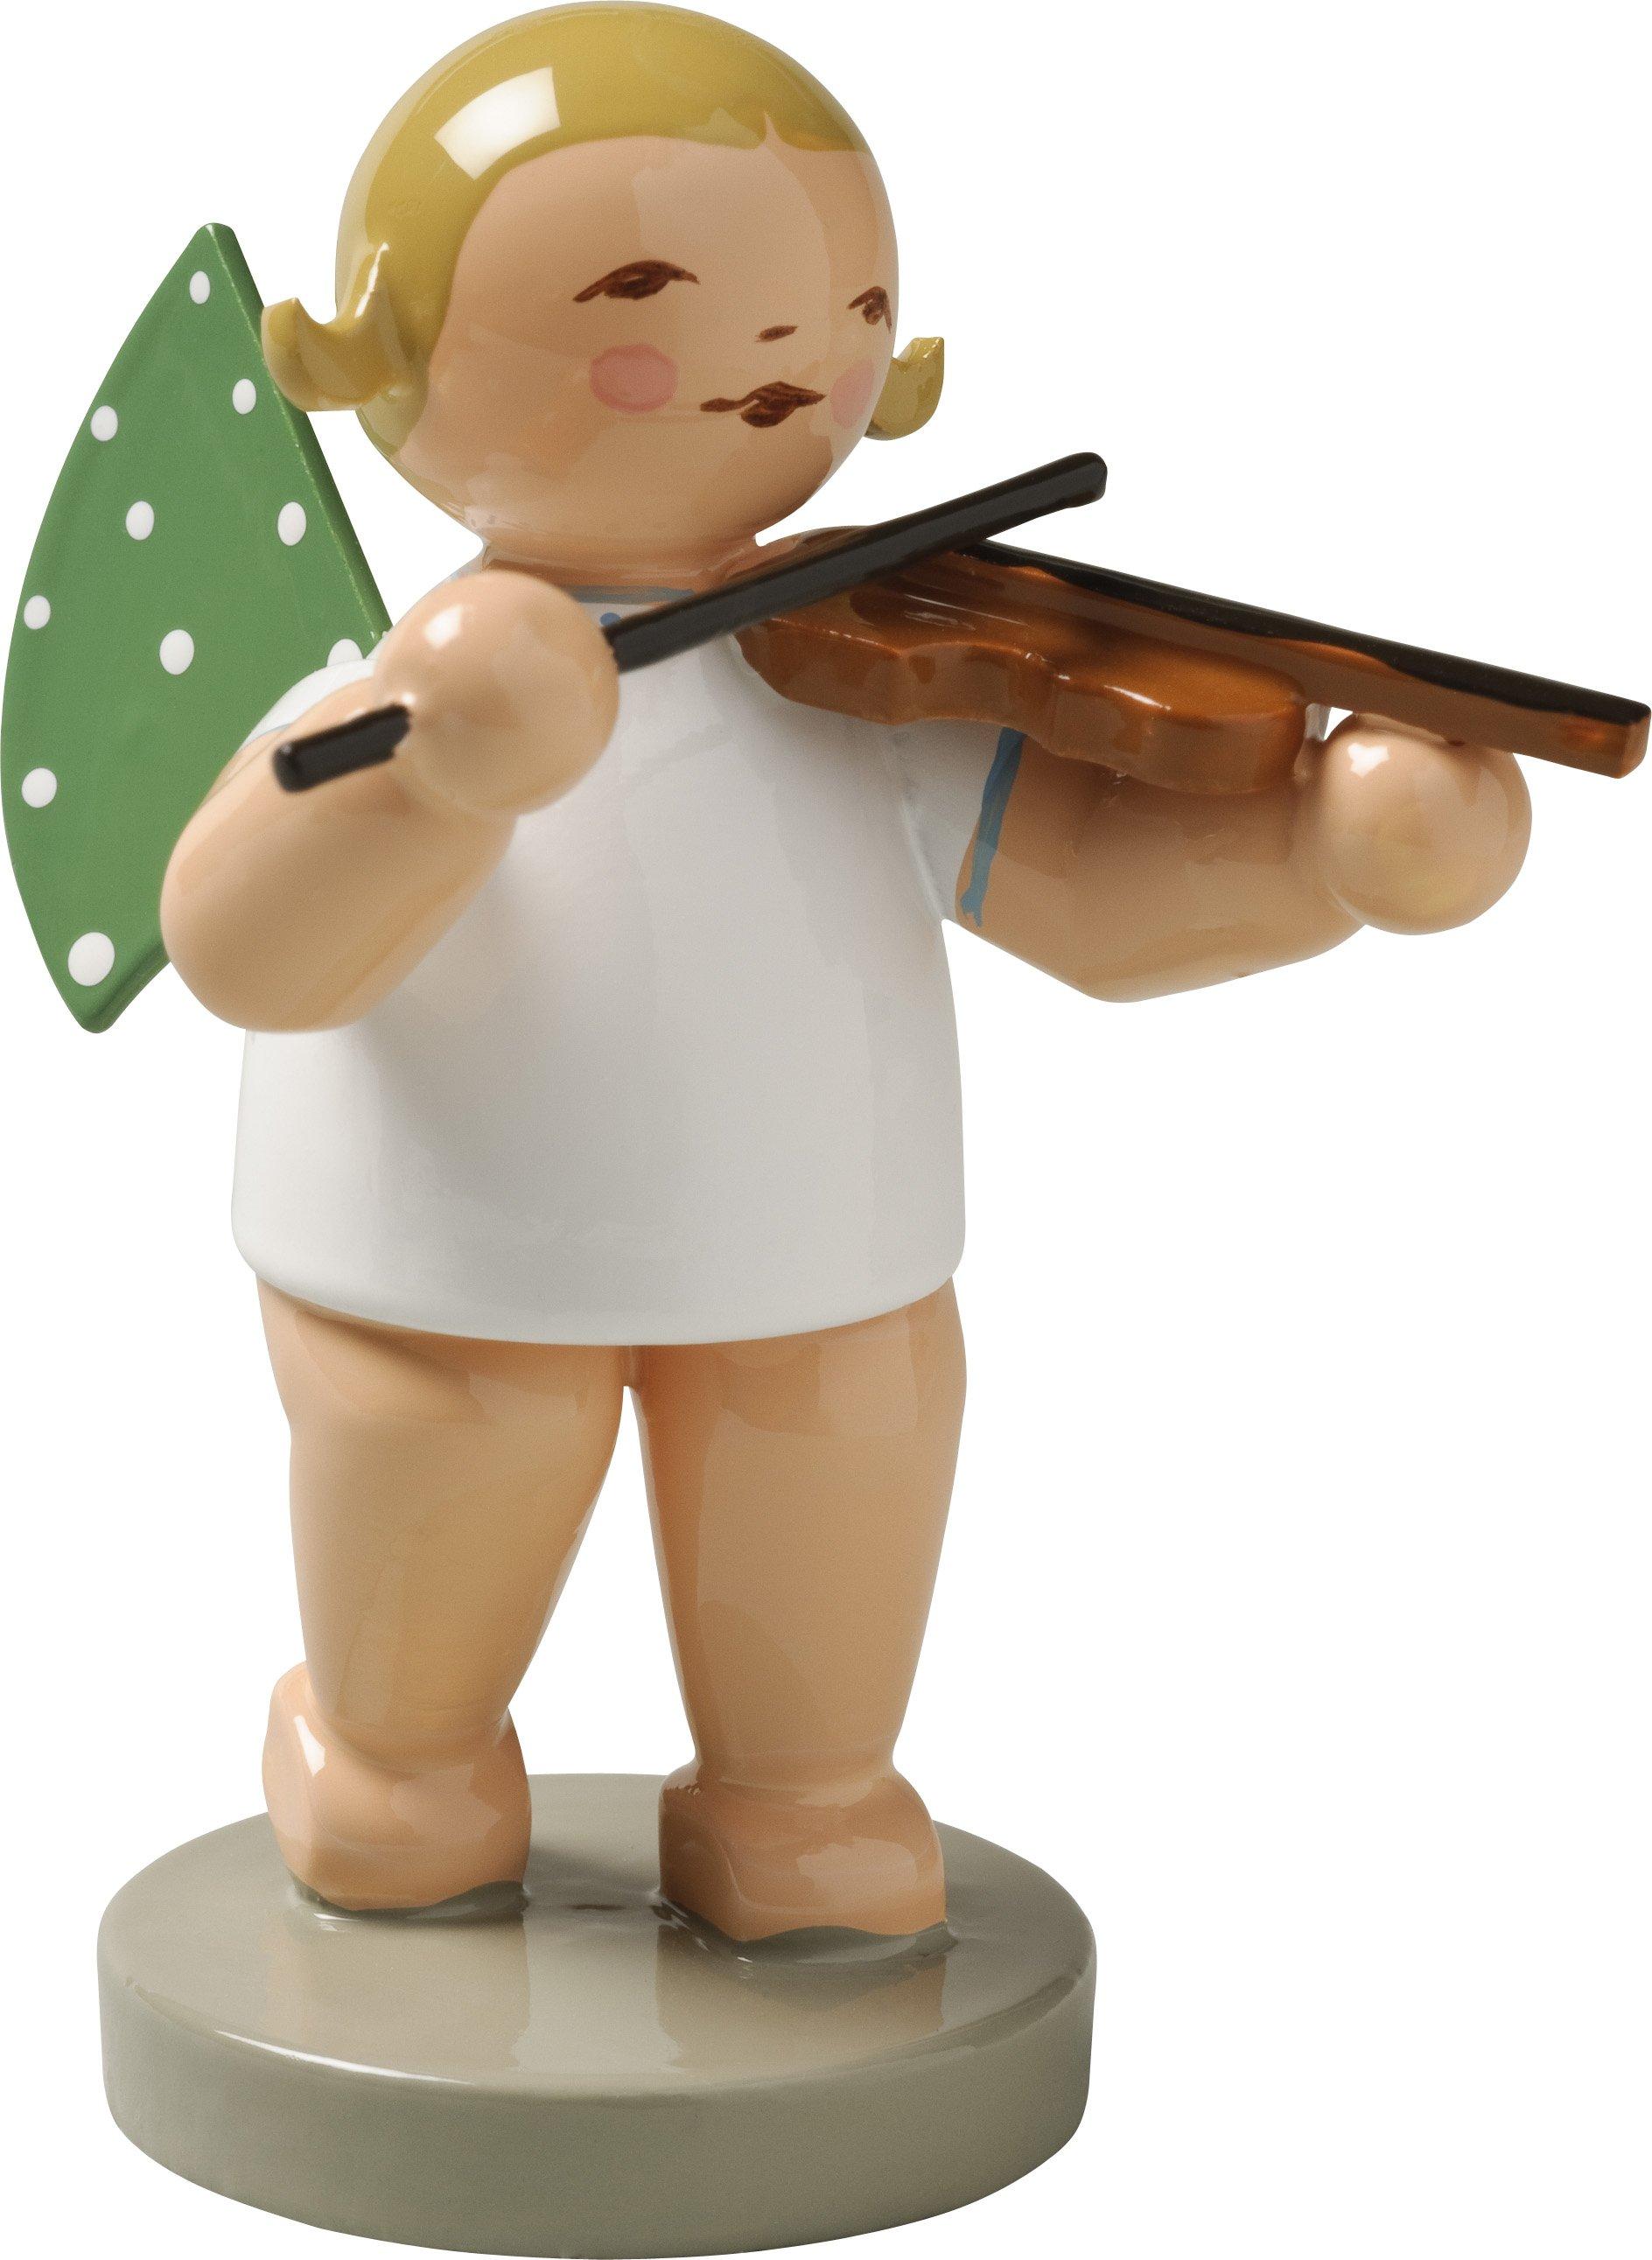 650_2 Engel mit Geige von Wendt & Kühn